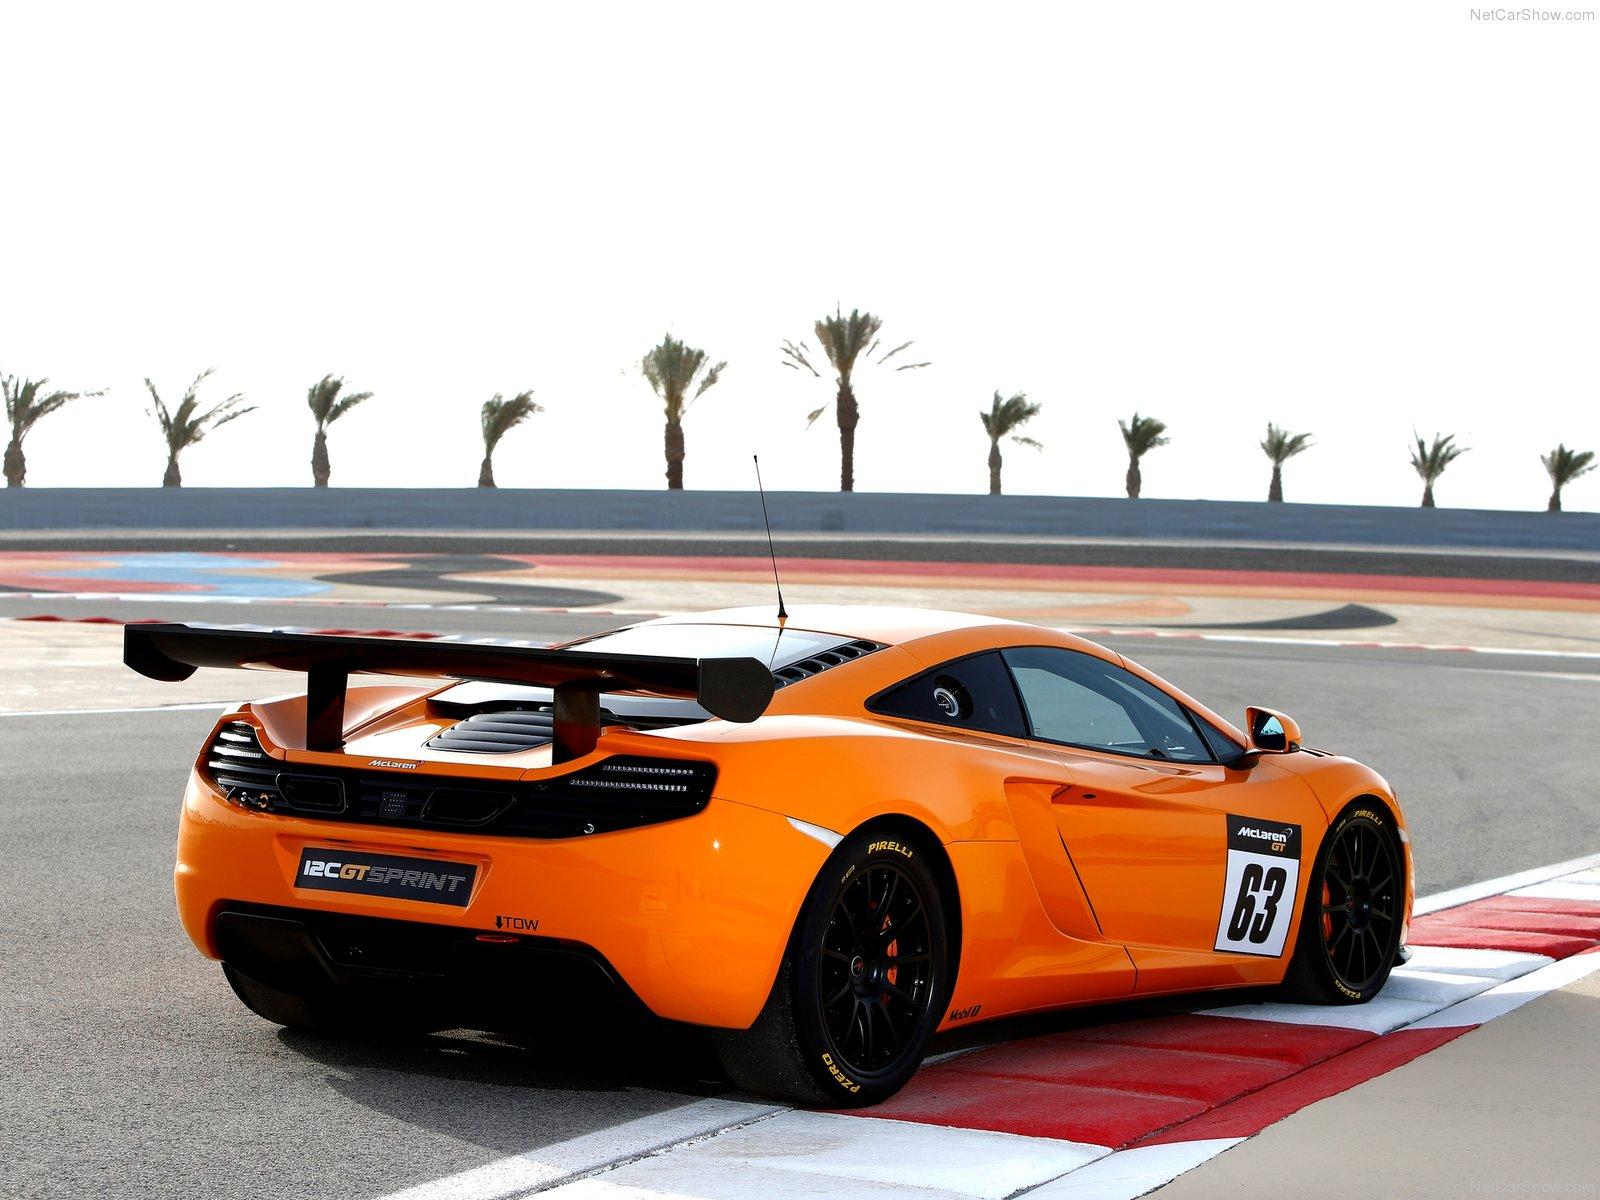 Hình ảnh siêu xe McLaren 12C GT Sprint 2014 & nội ngoại thất